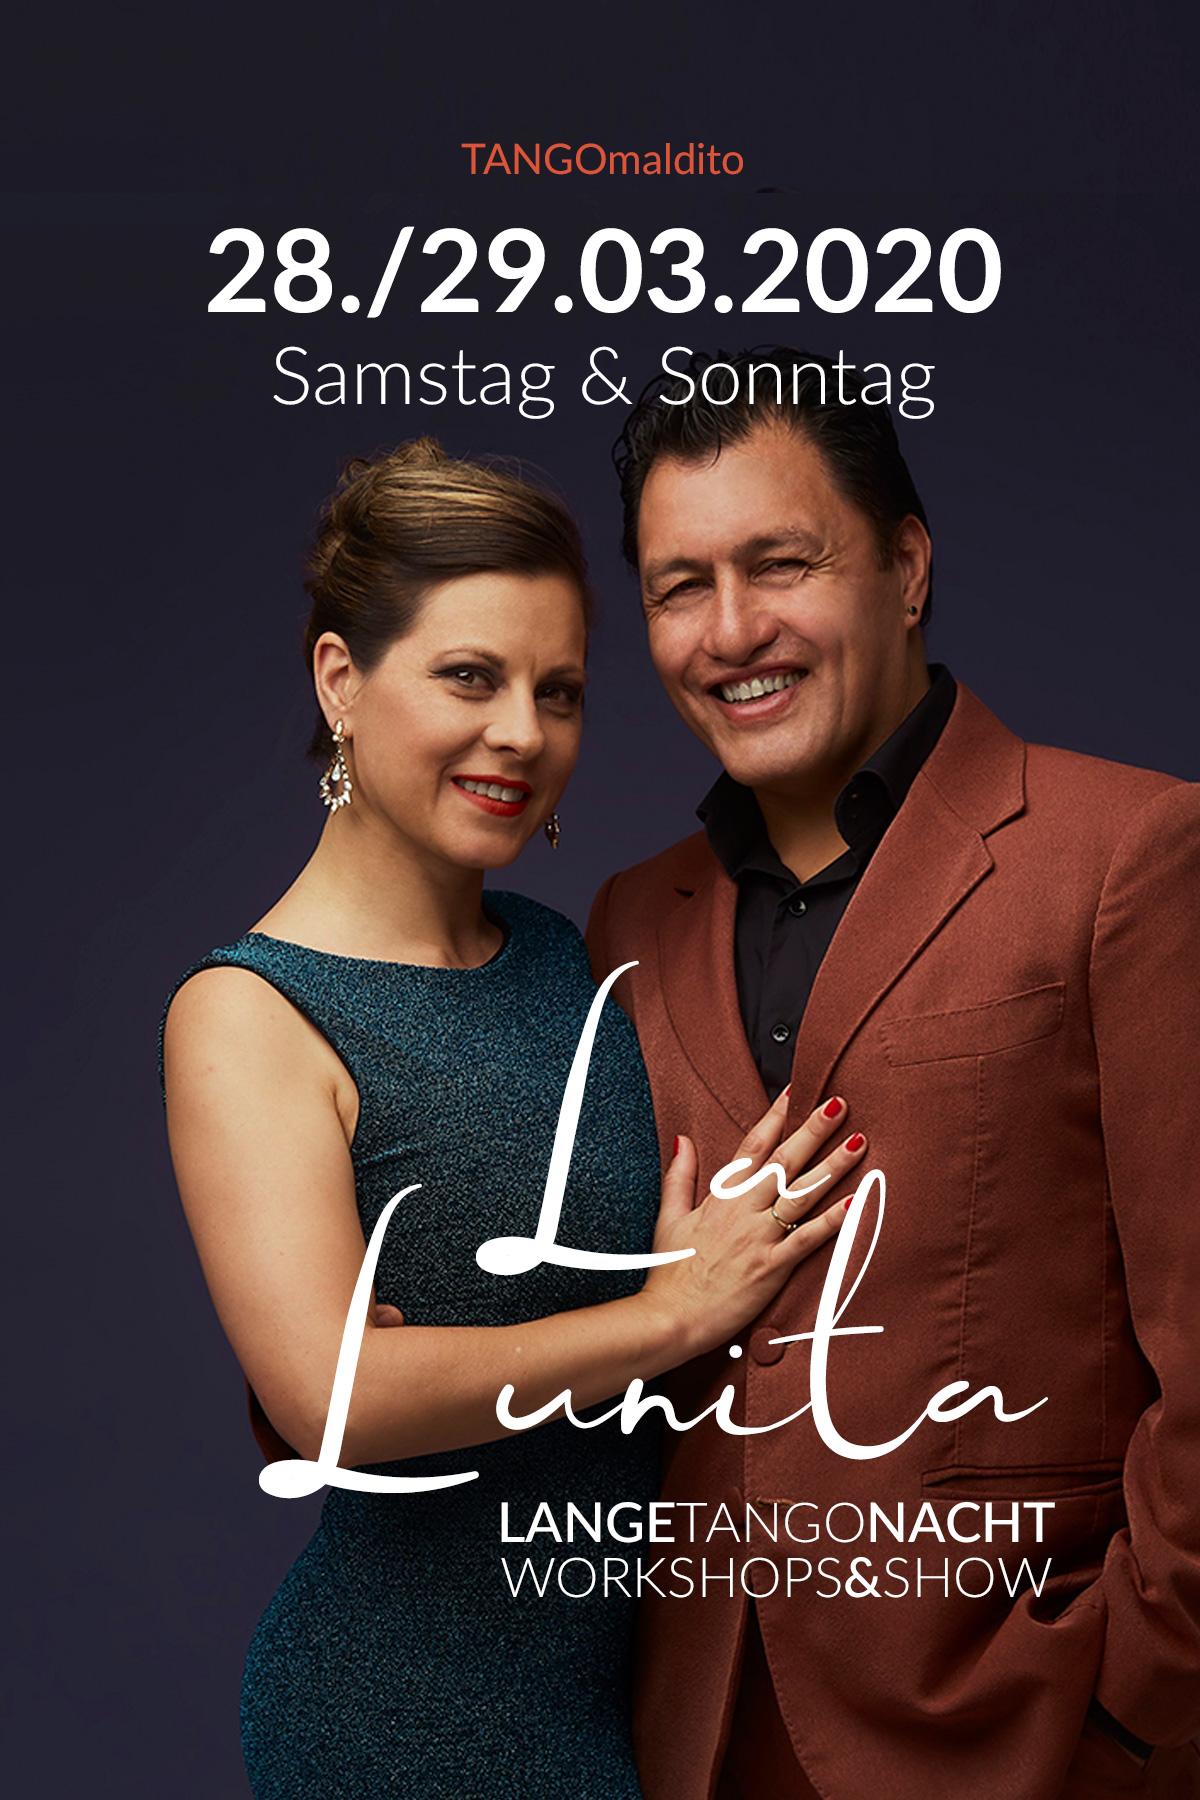 TANGOmaldito München - LaLunita - Lange Tango Nacht und Workshopwochenende mit Héctor Corona und Silvina Machado.